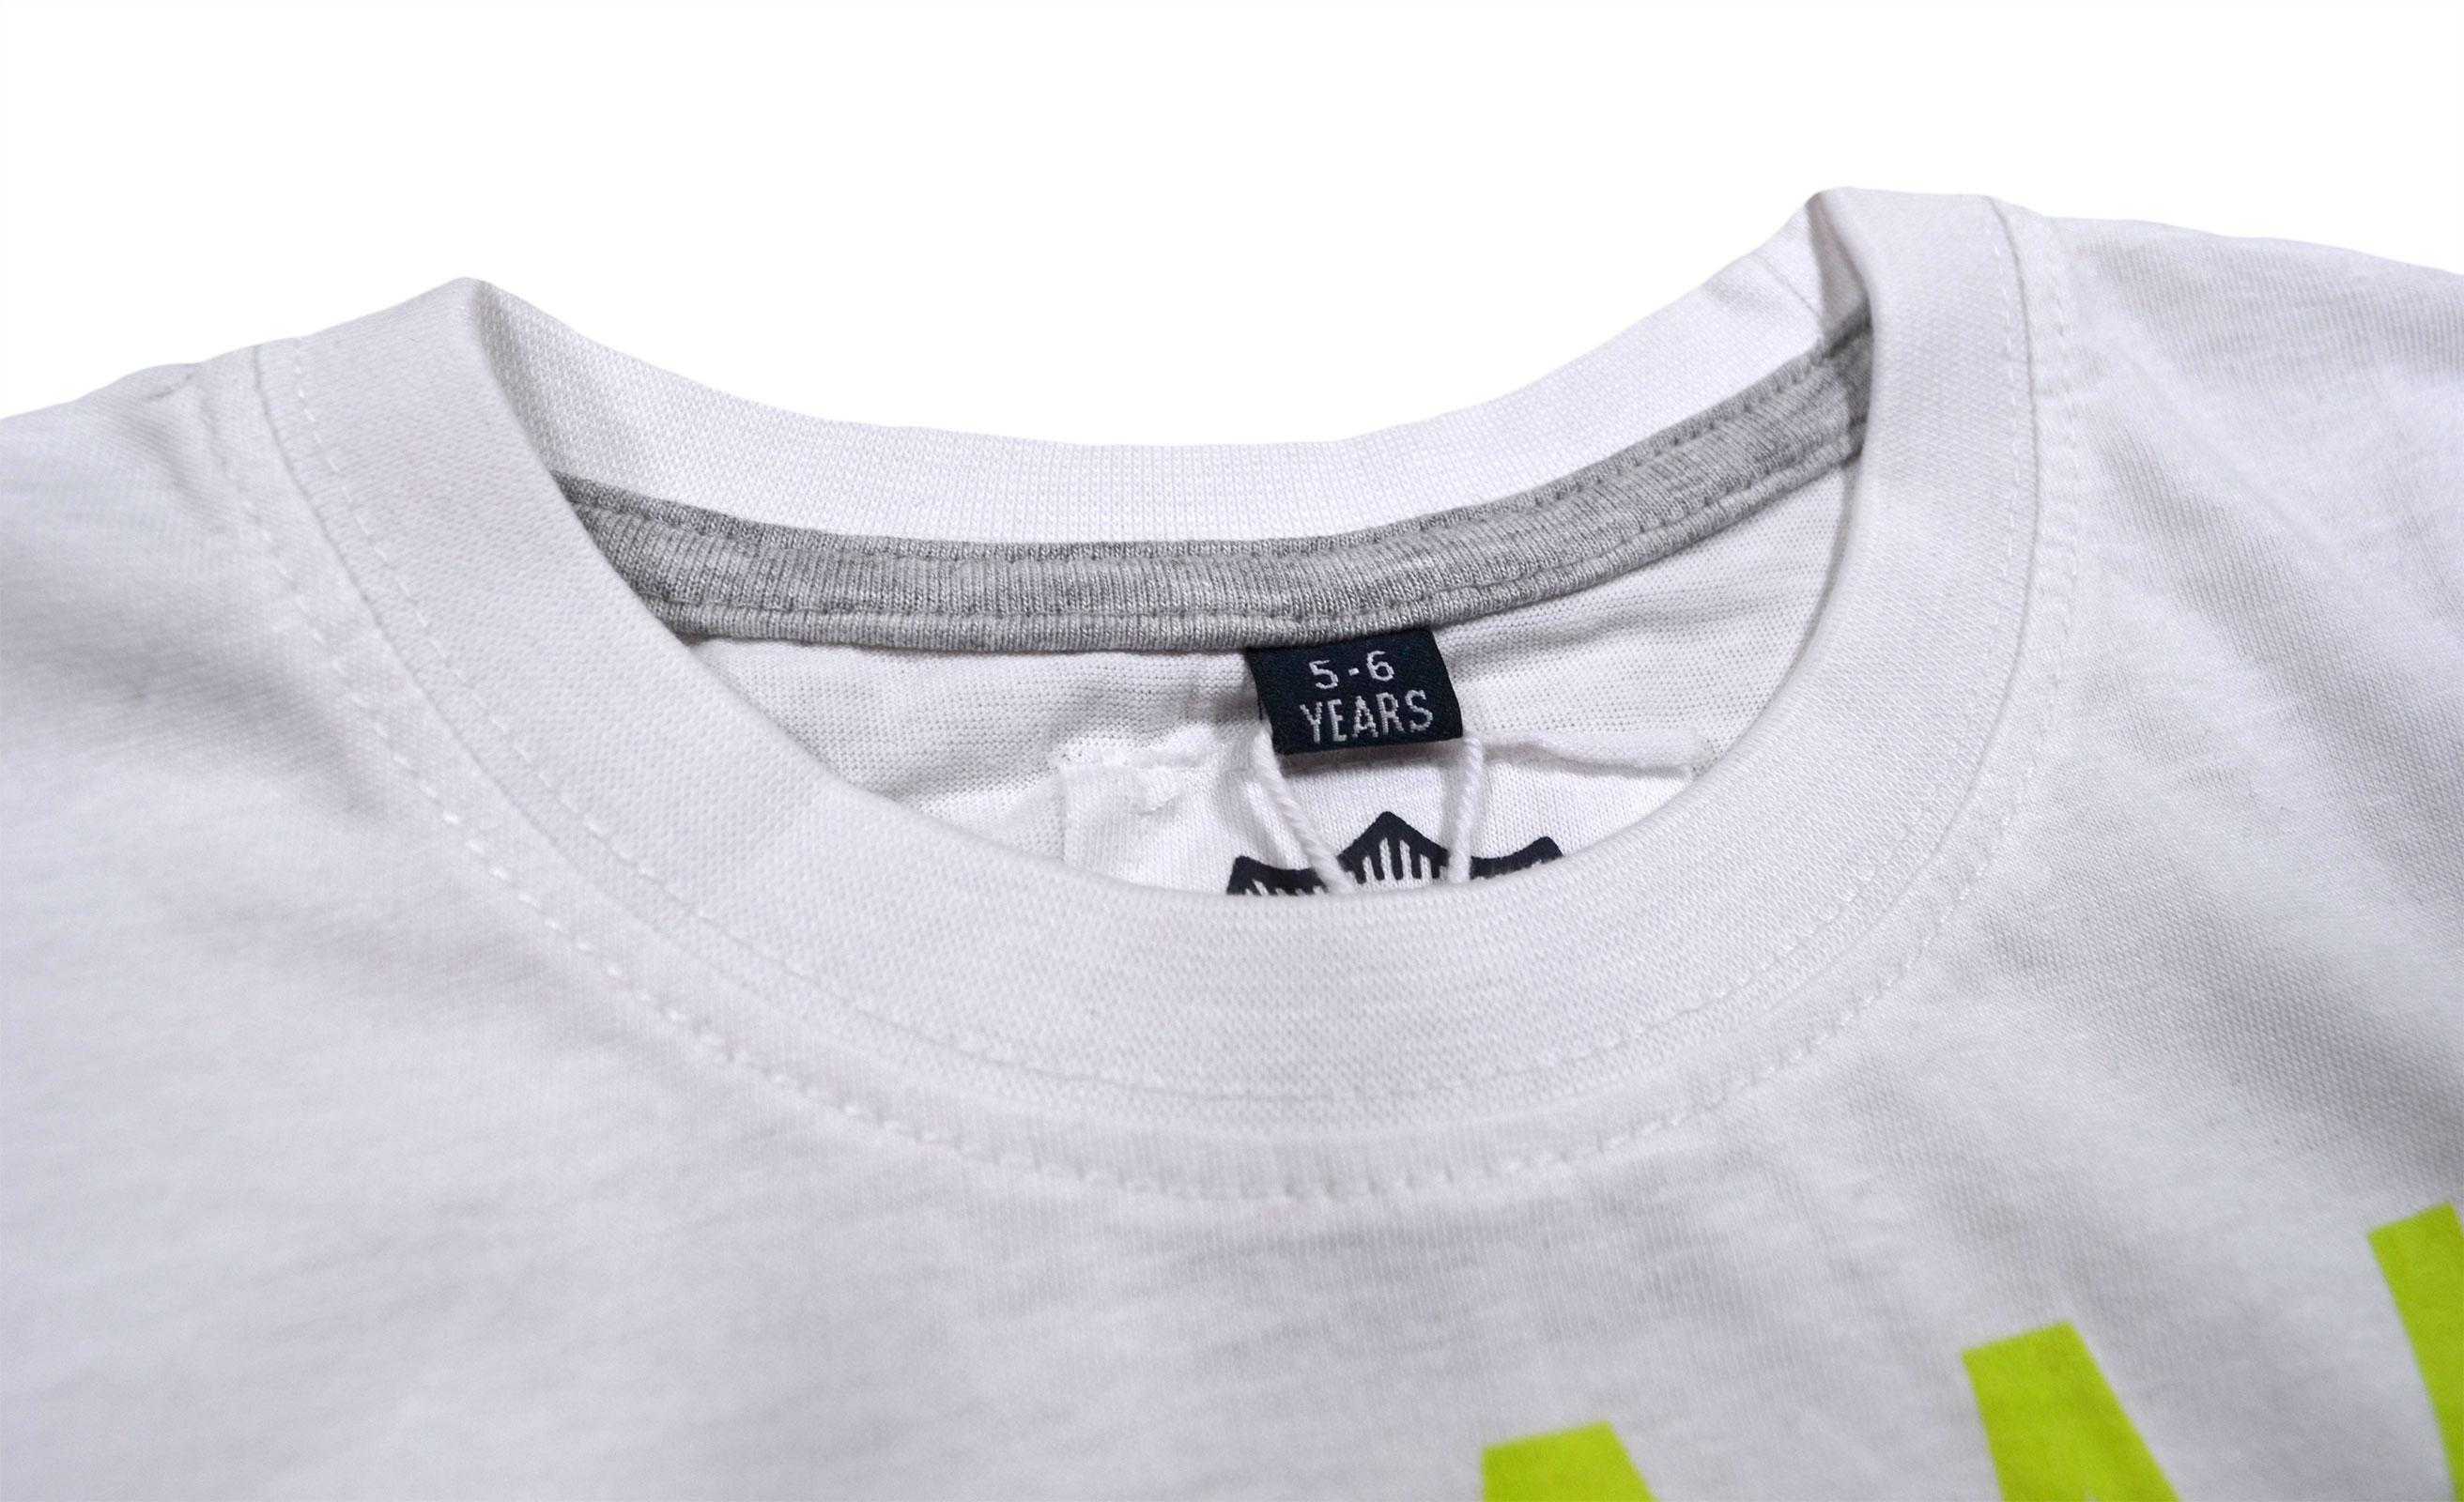 Garcons-Neuf-en-coton-T-shirt-a-encolure-ras-du-cou-d-039-ete-Enfant-Top-2-3-4-5-6-7-8-9-10-11-12-13 miniature 17